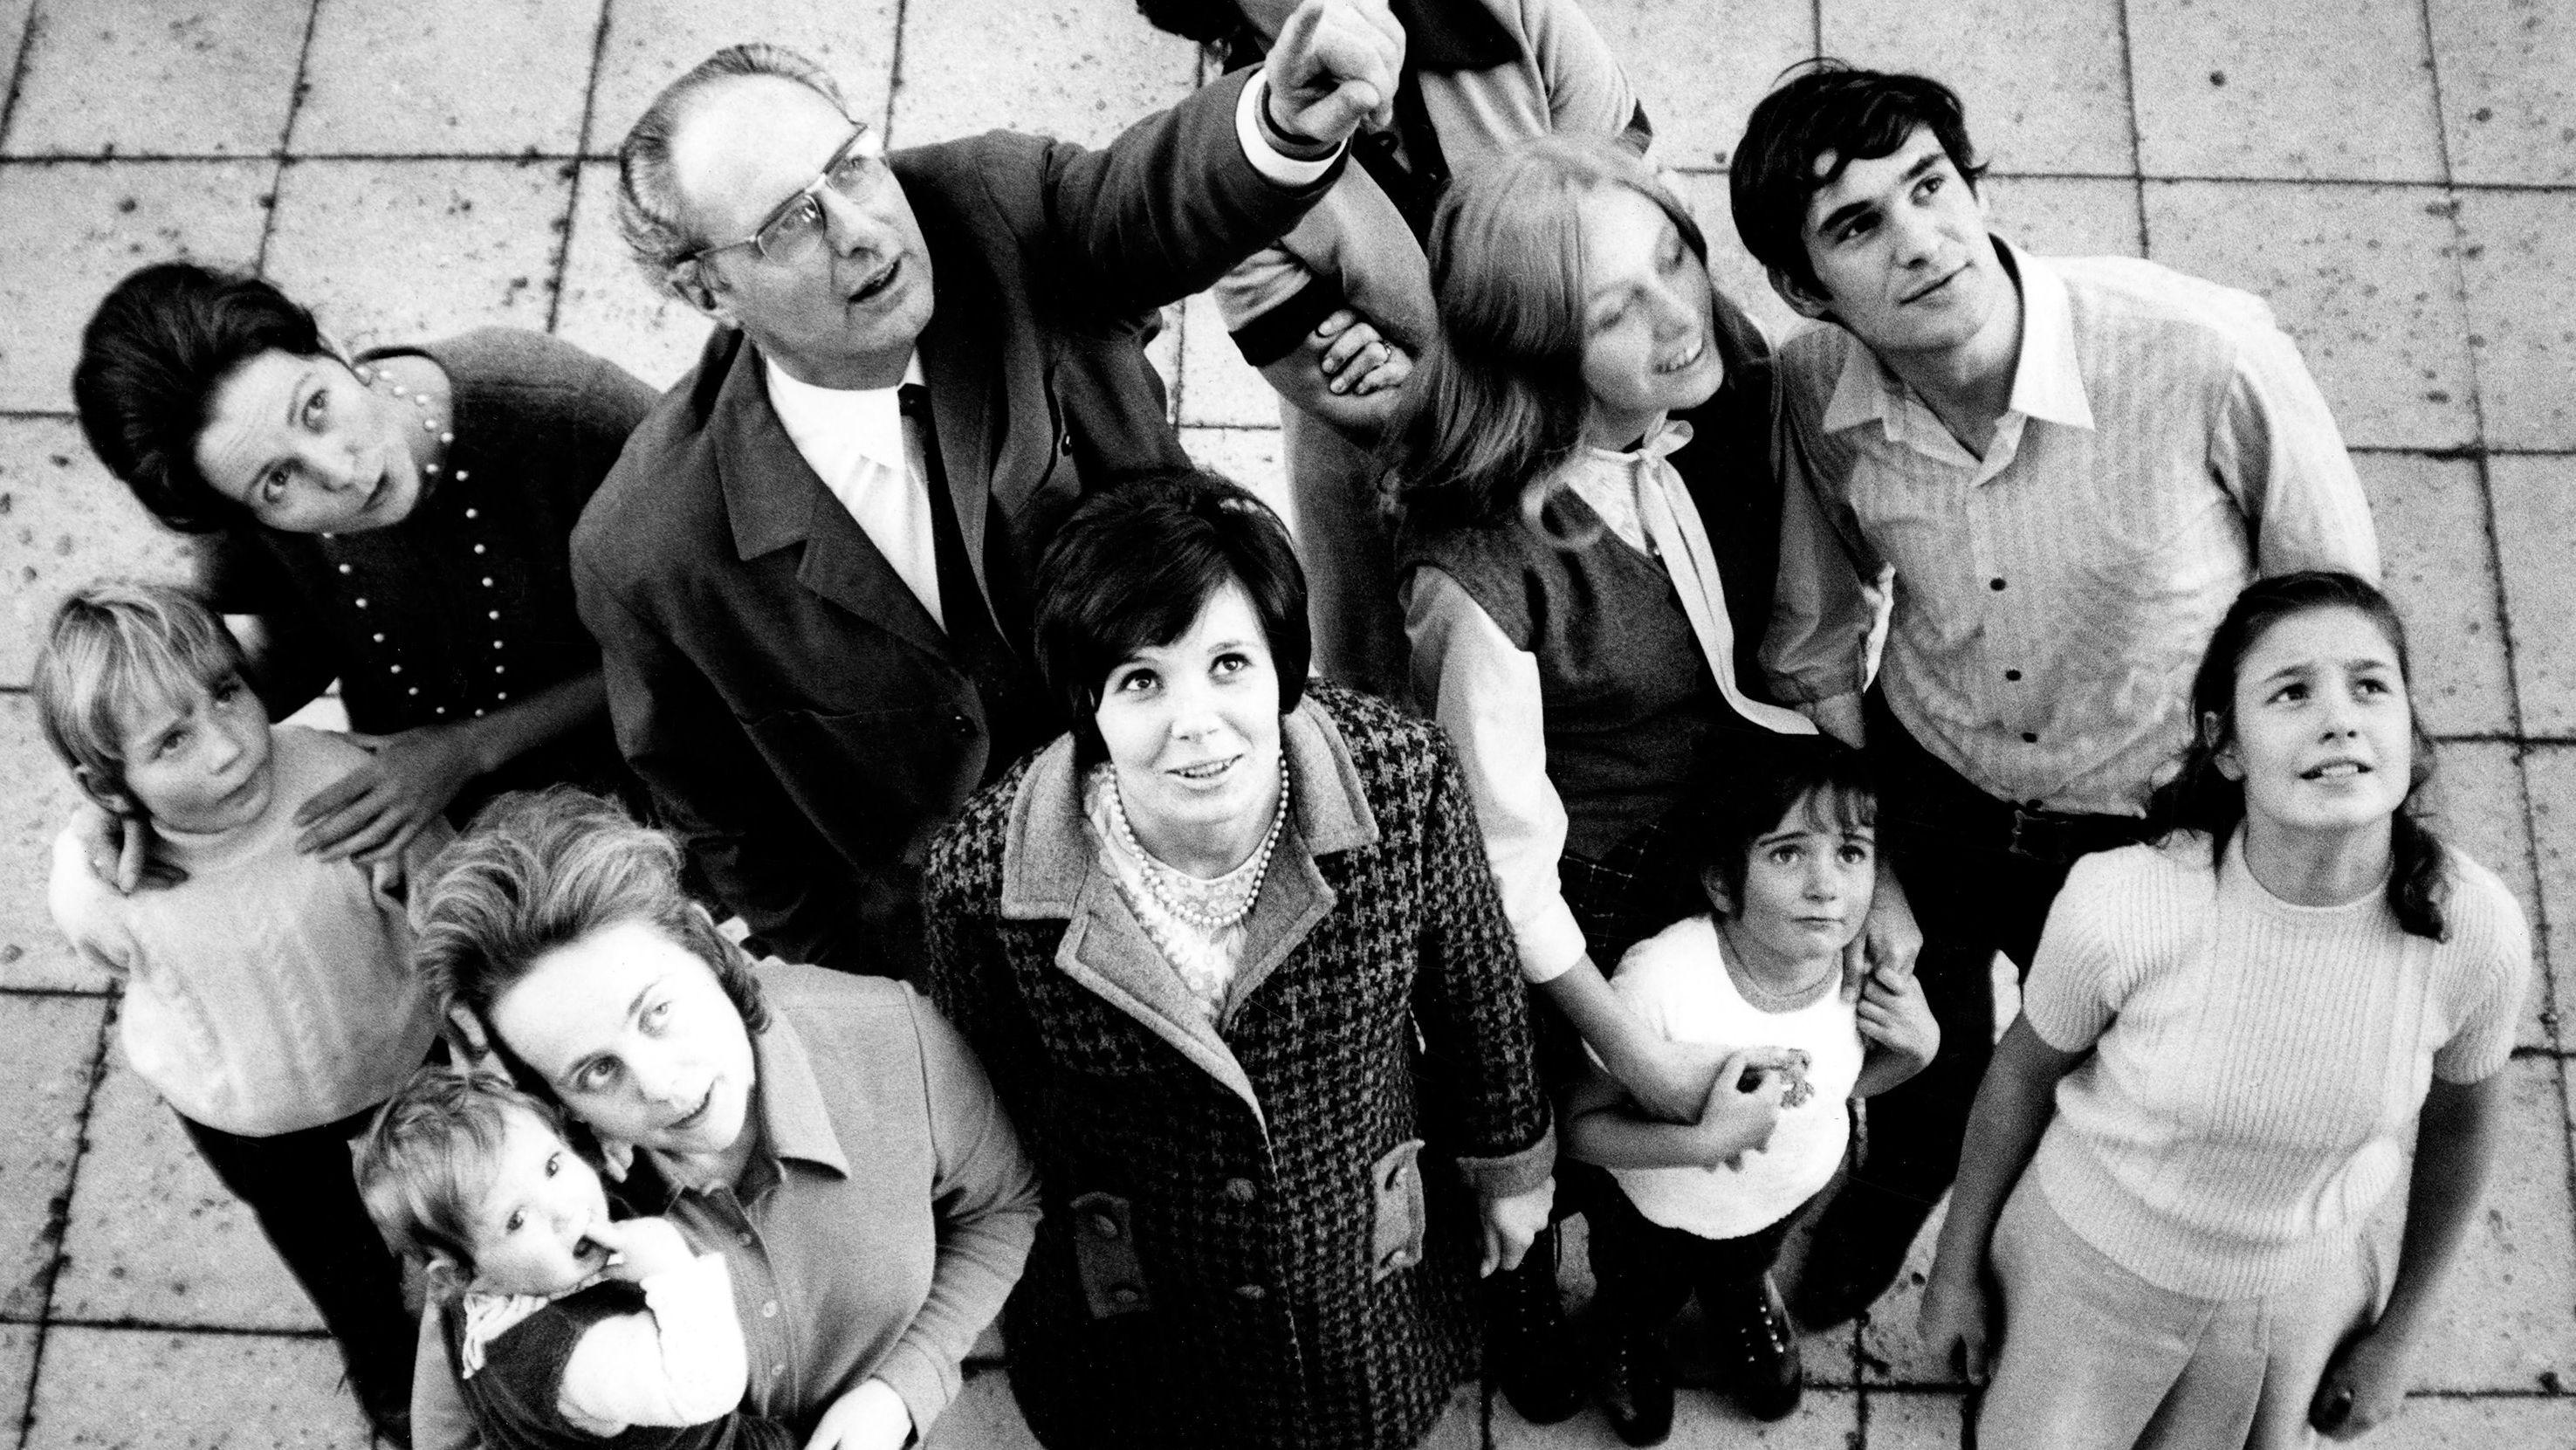 Gruppe von Menschen aus verschiedenen Generationen blickt nach oben.